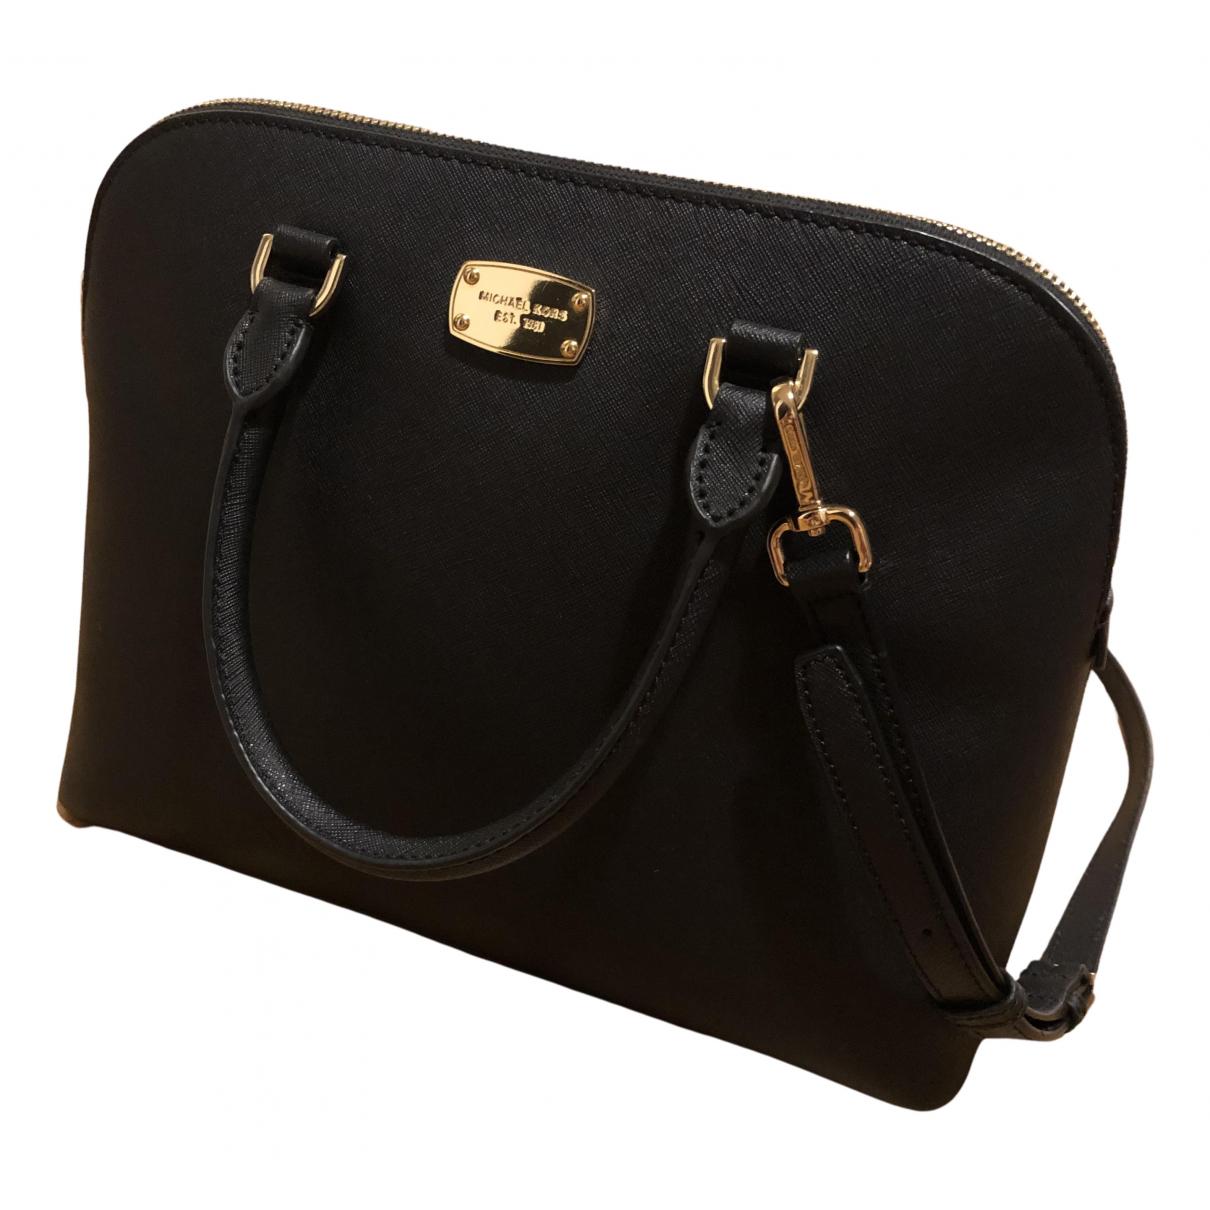 Michael Kors N Black Patent leather handbag for Women N